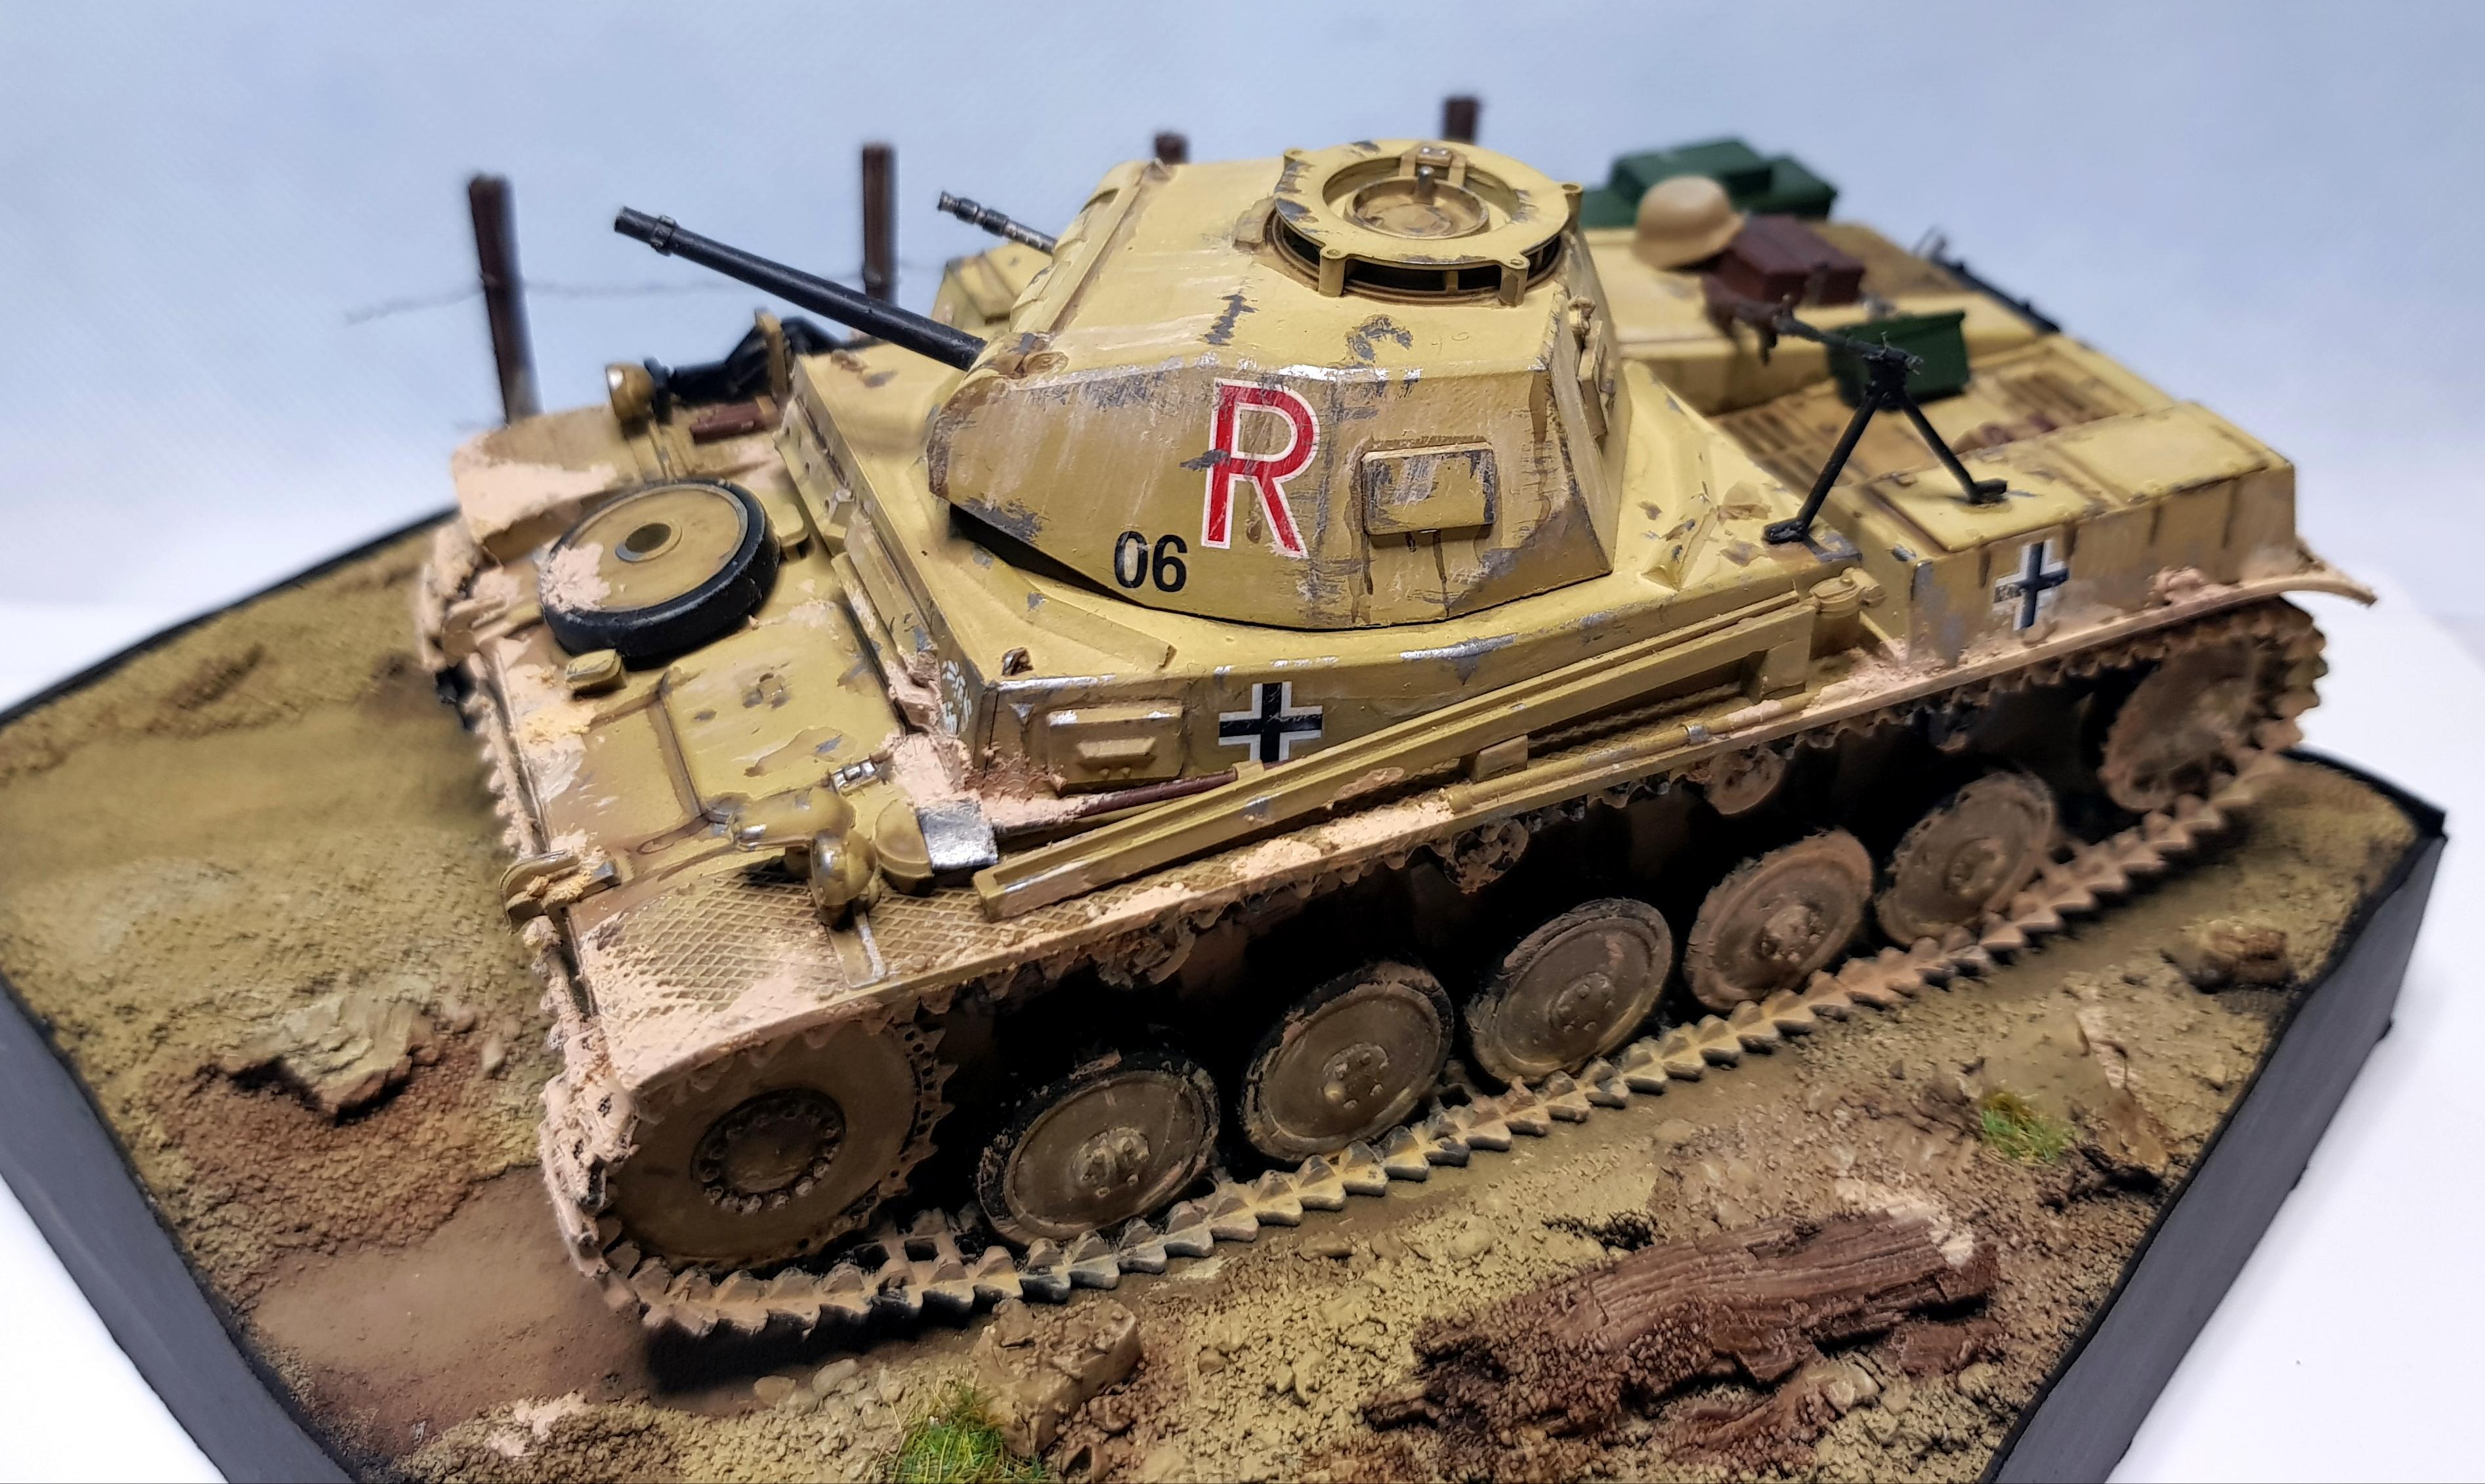 Afrika Korps, Allies, Armor, Axis, Diorama, Light Tank